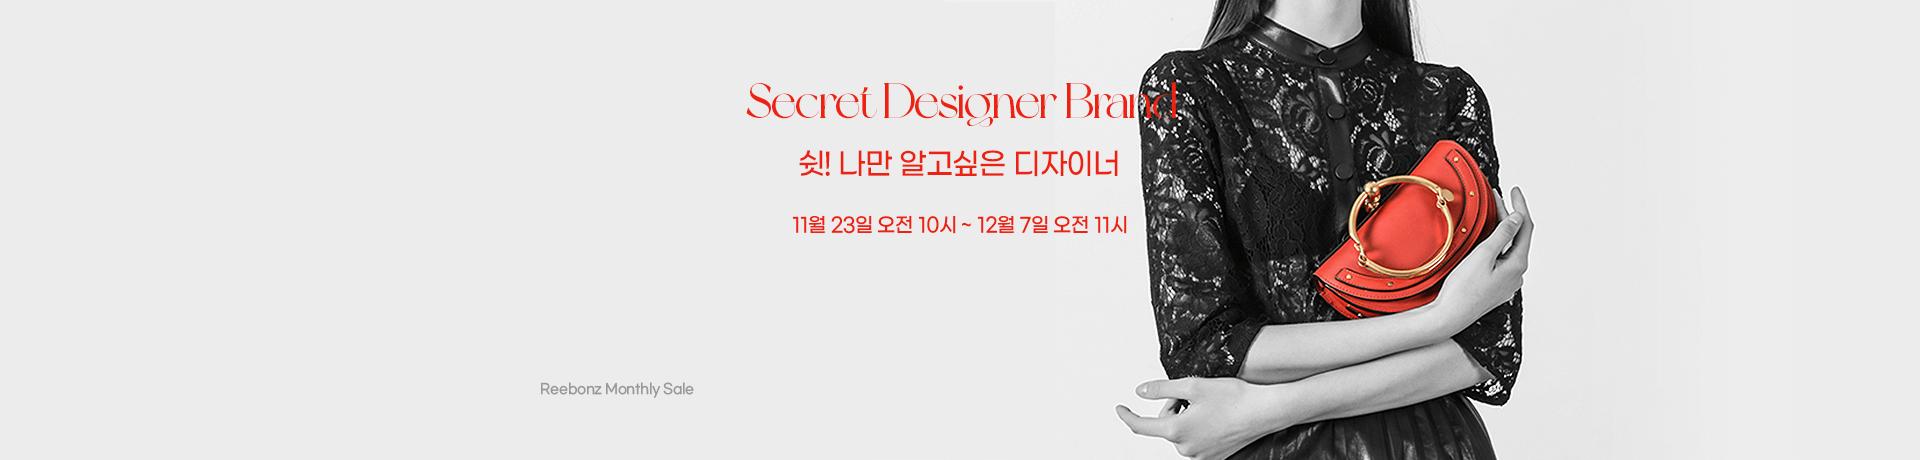 201123_sj_secret_designer_brand_pc-_ececec